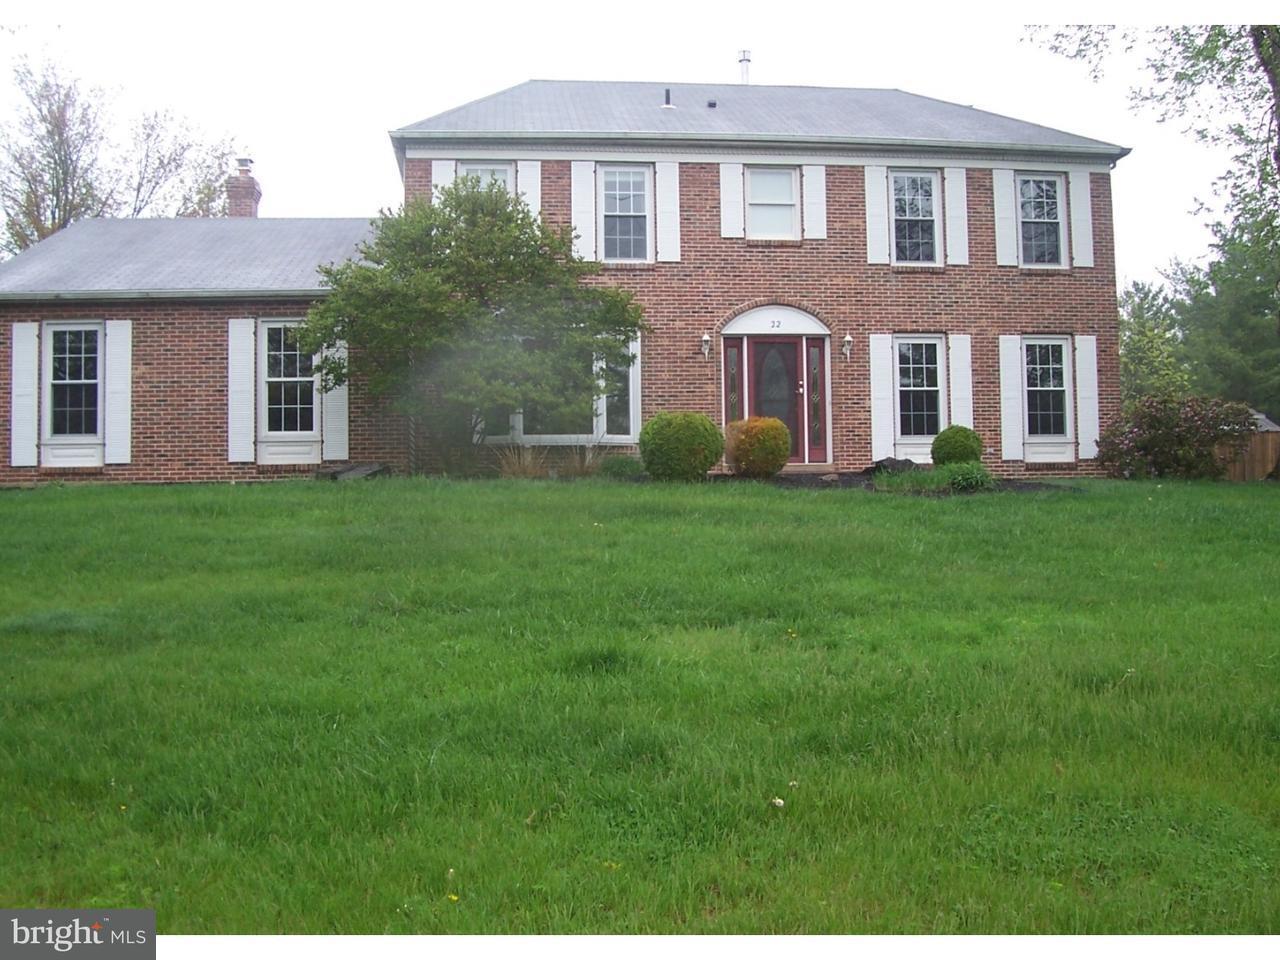 Casa Unifamiliar por un Venta en 22 WINTHROP Road Lawrence, Nueva Jersey 08648 Estados UnidosEn/Alrededor: Lawrence Township